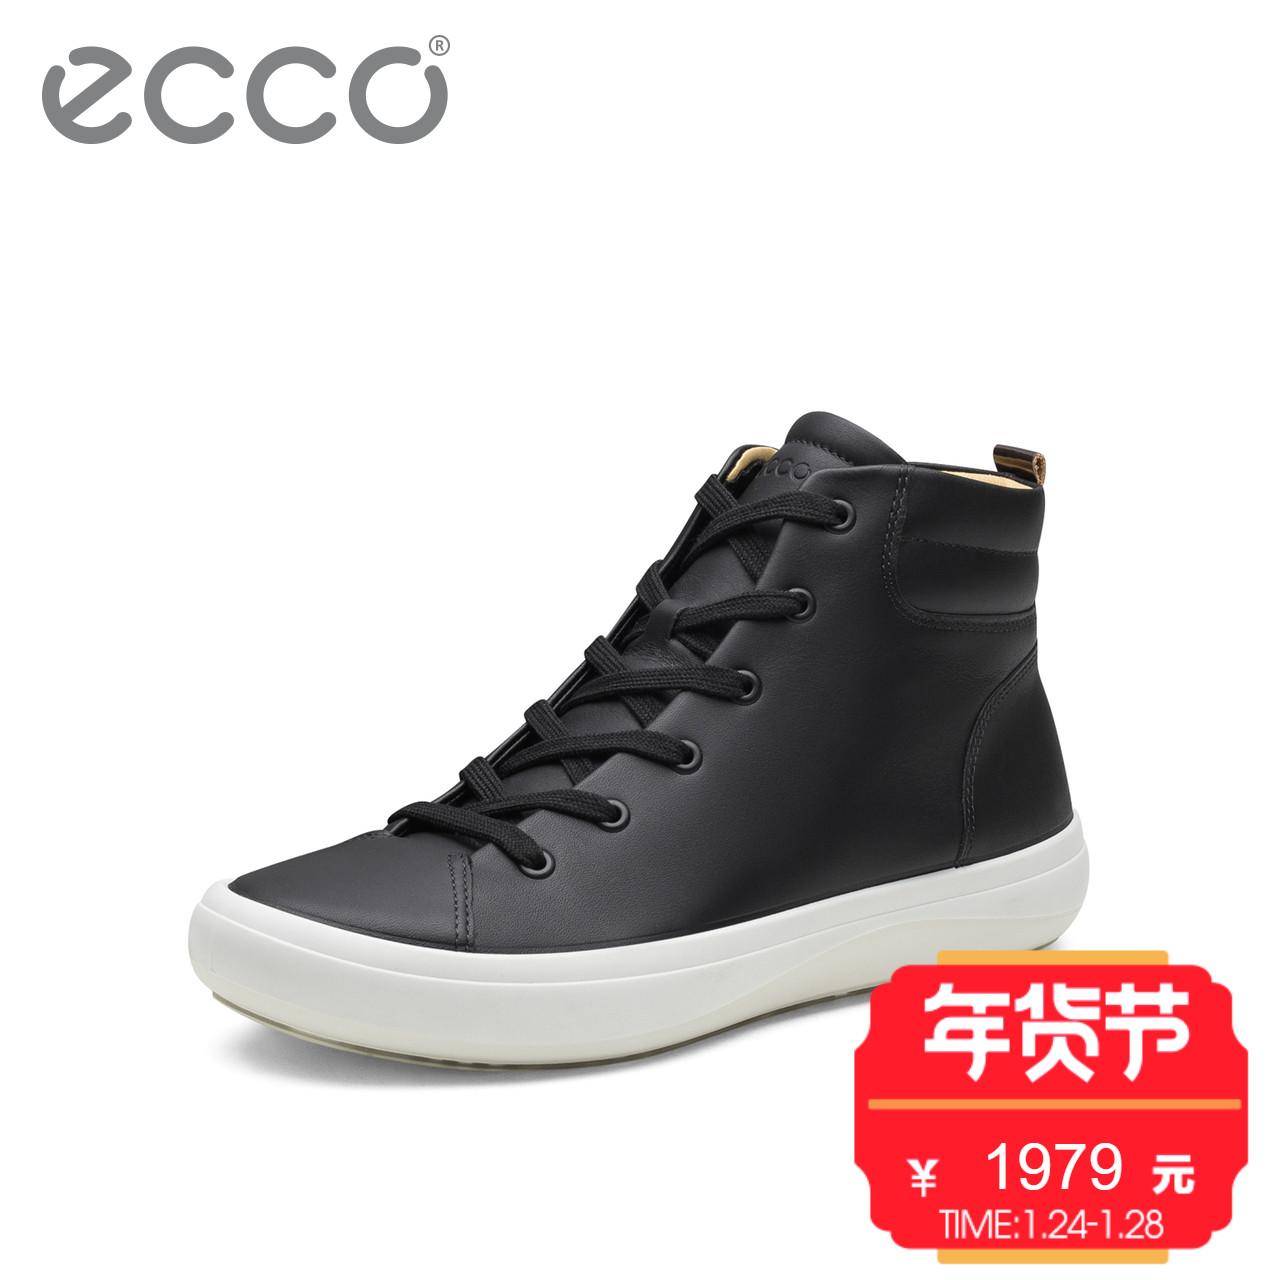 ECCO爱步时尚新款简约高帮鞋 潮流青年透气系带牛皮鞋 新意431034